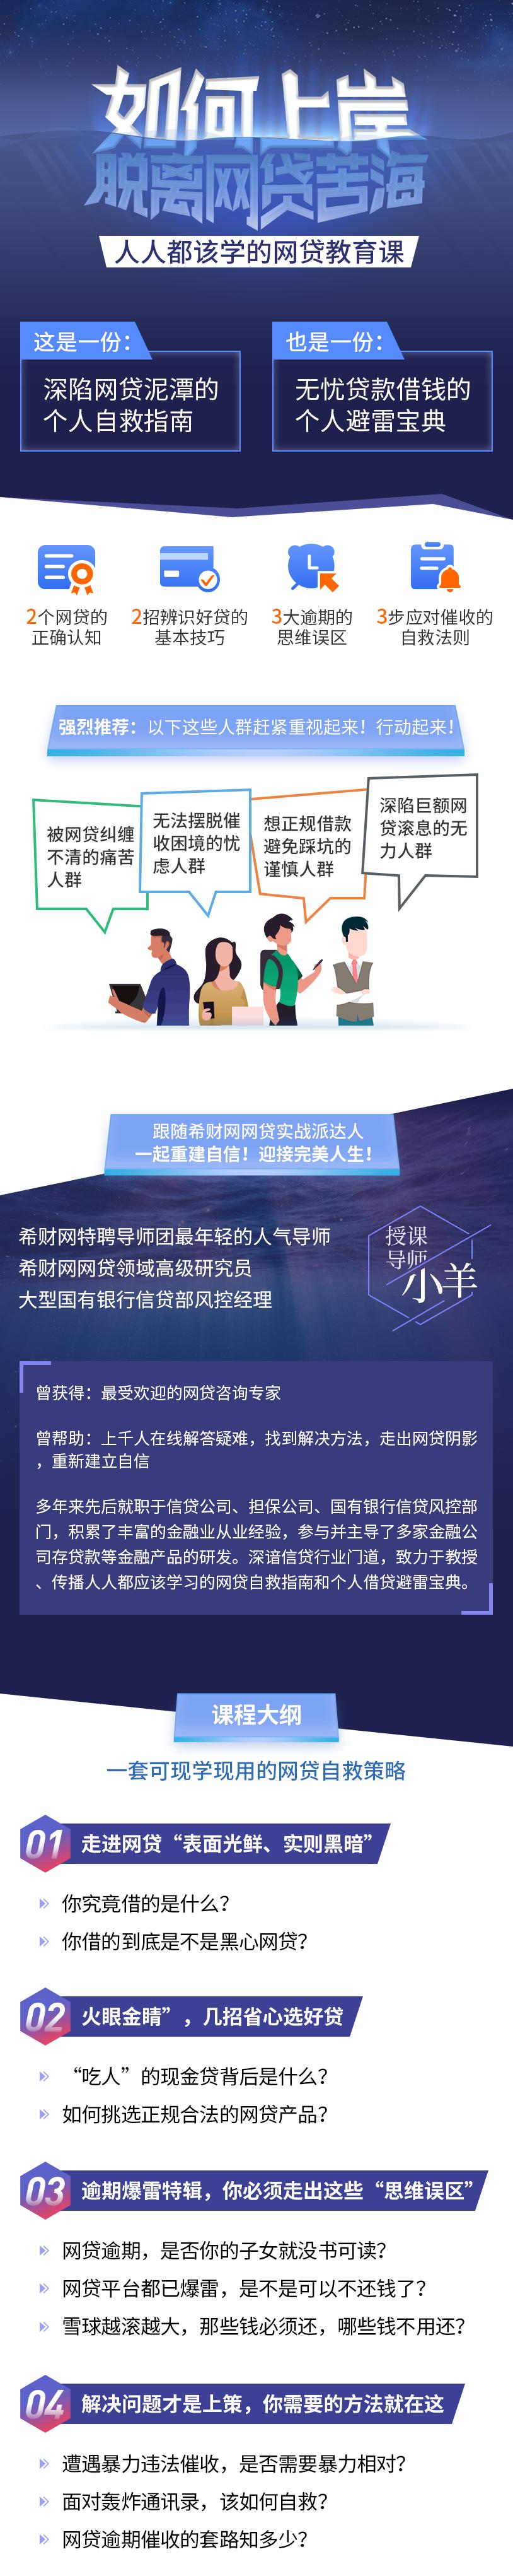 如何上岸,脱离网贷苦海(1).png